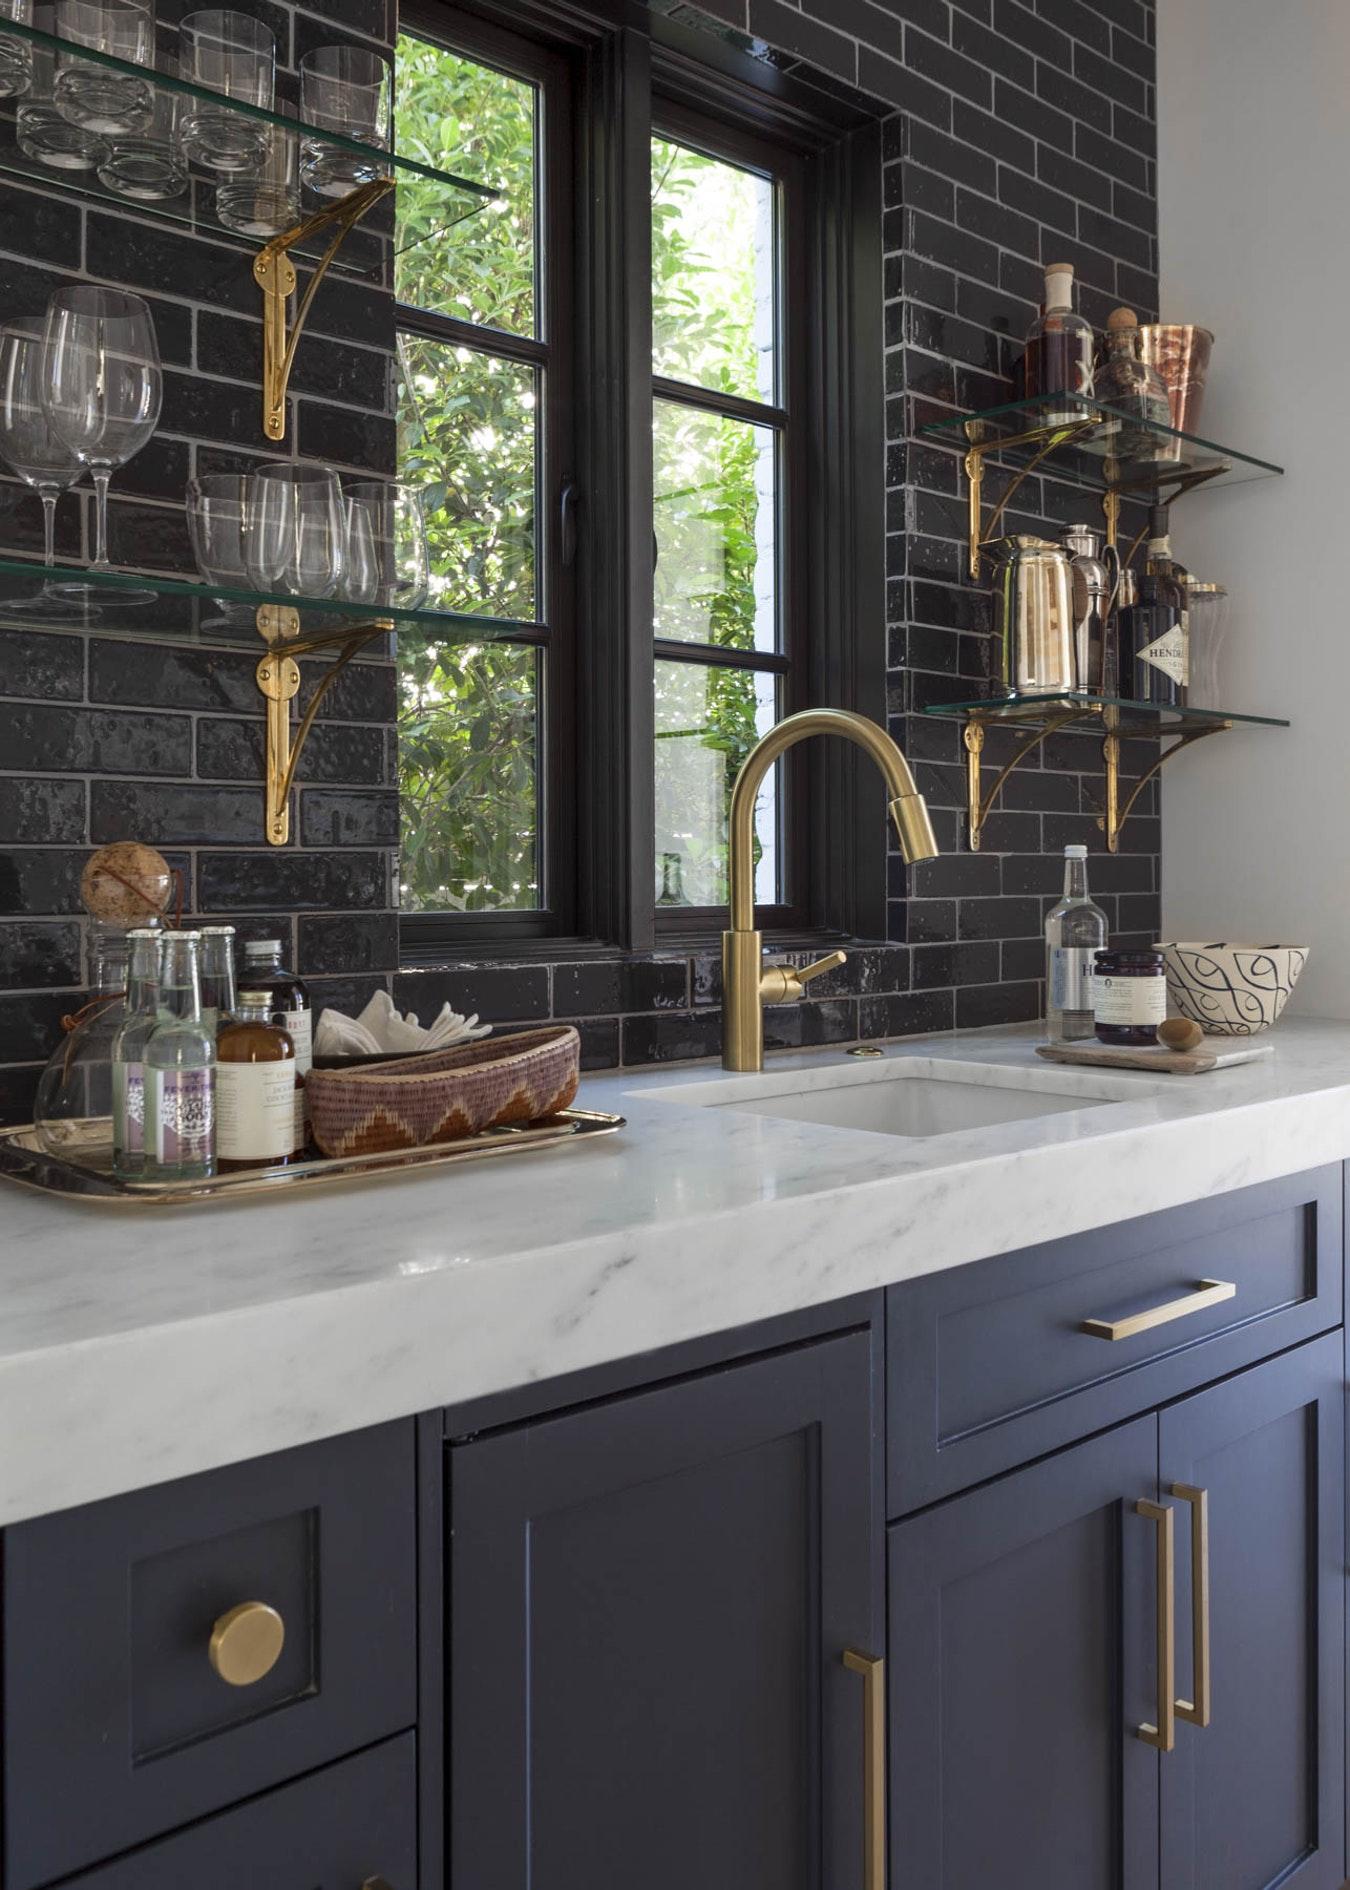 Черная кухня с матовыми фасадами и золотыми акцентами